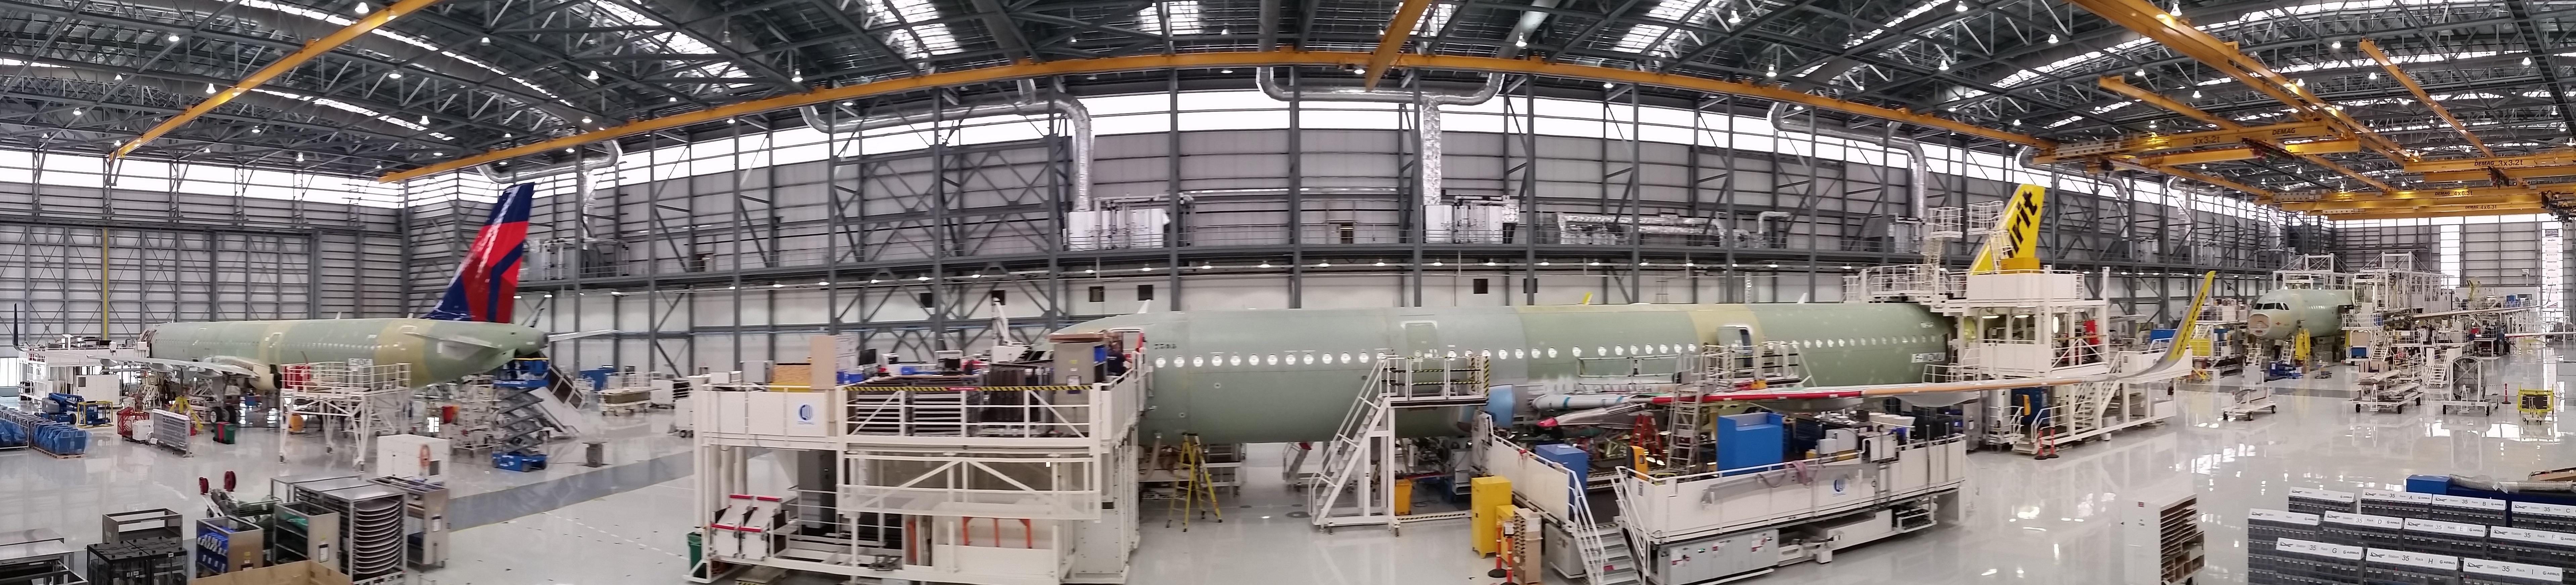 Resultado de imagen para Airbus Alabama